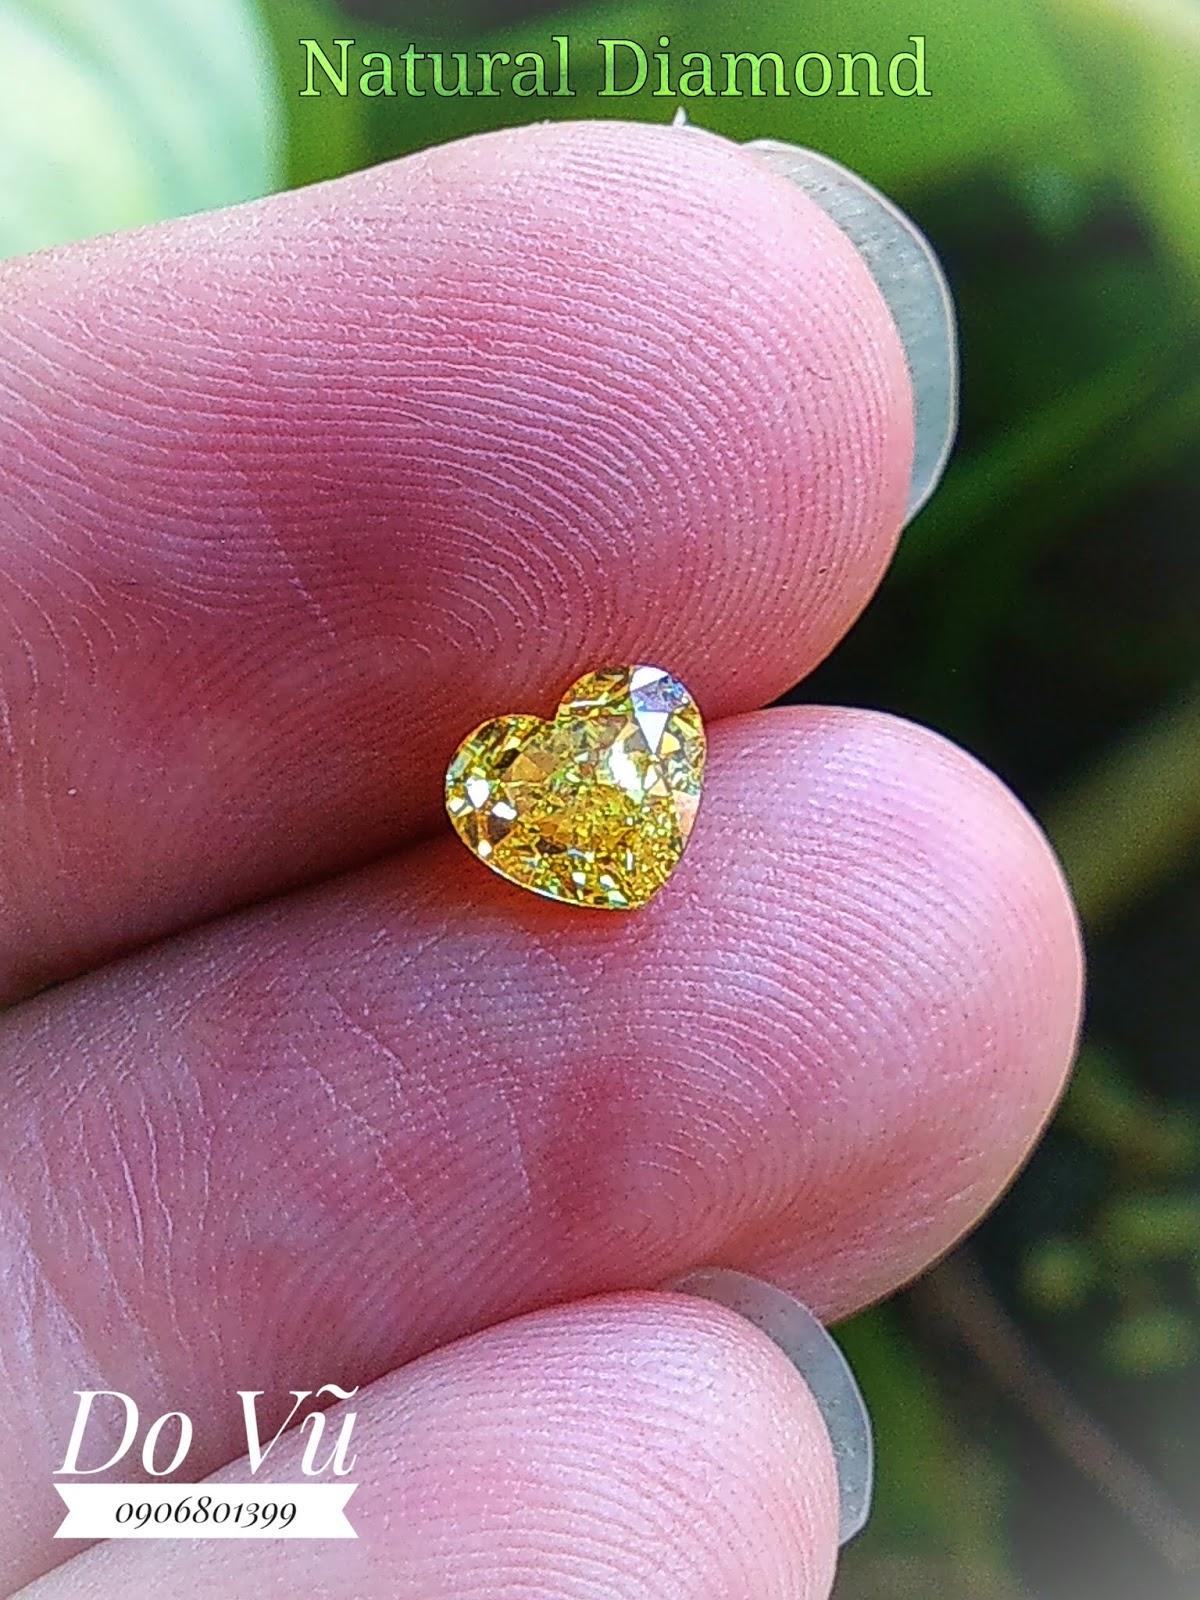 Kim cương thiên nhiên giác trái tim, màu vàng đậm không xử lý kèm chứng nhận quốc tế GIA